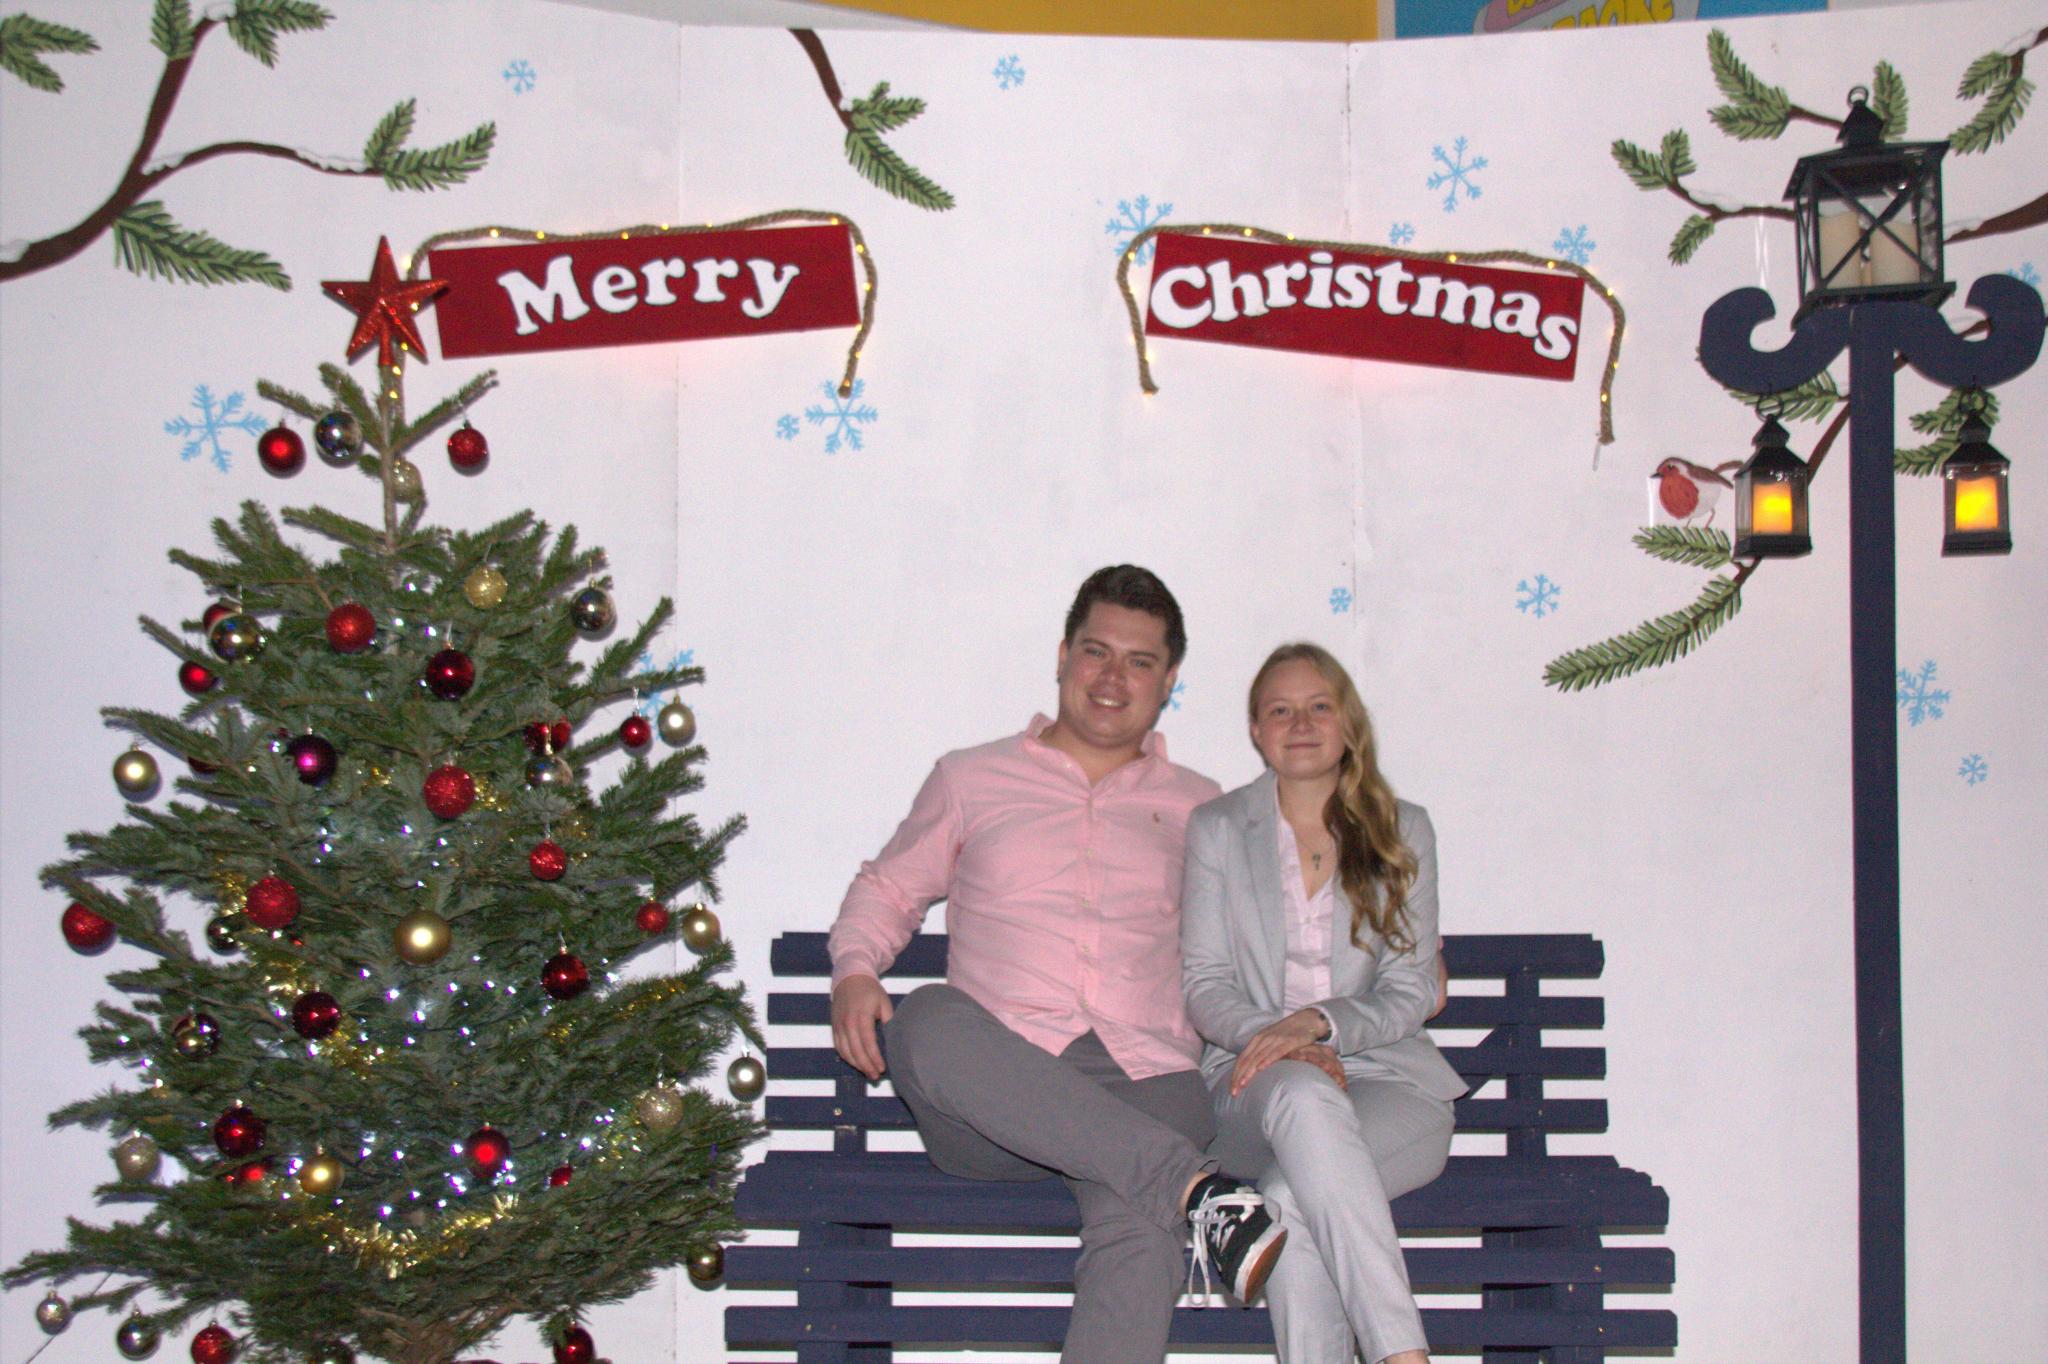 Kerstfeest_147